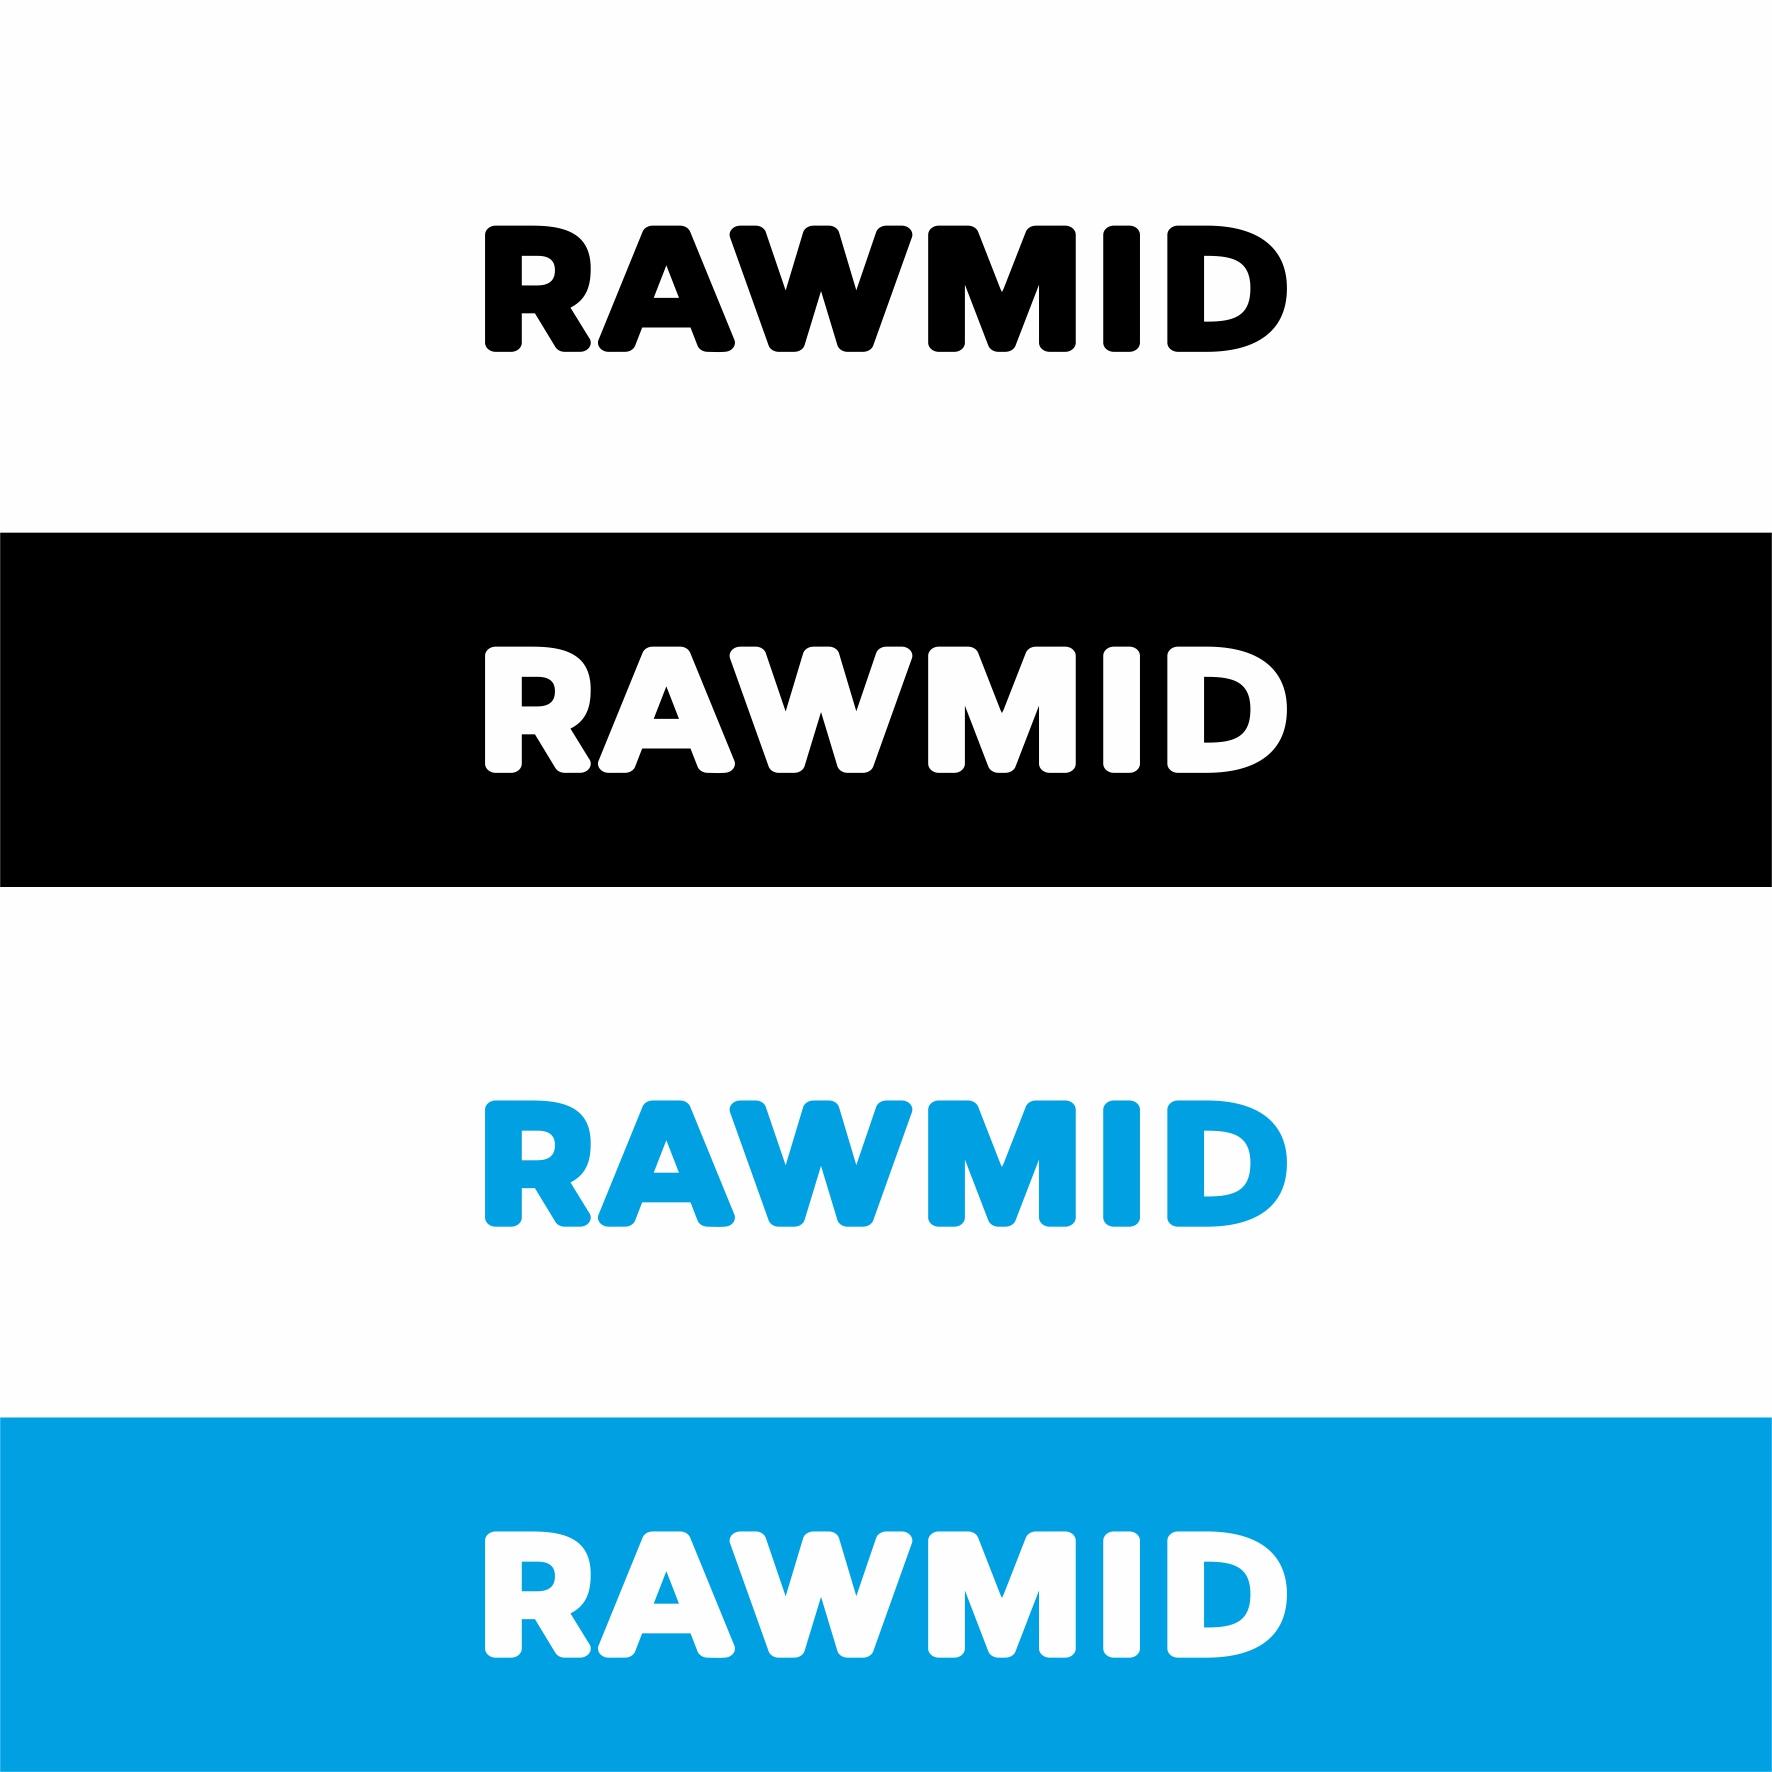 Создать логотип (буквенная часть) для бренда бытовой техники фото f_9845b340c6ba25d1.jpg